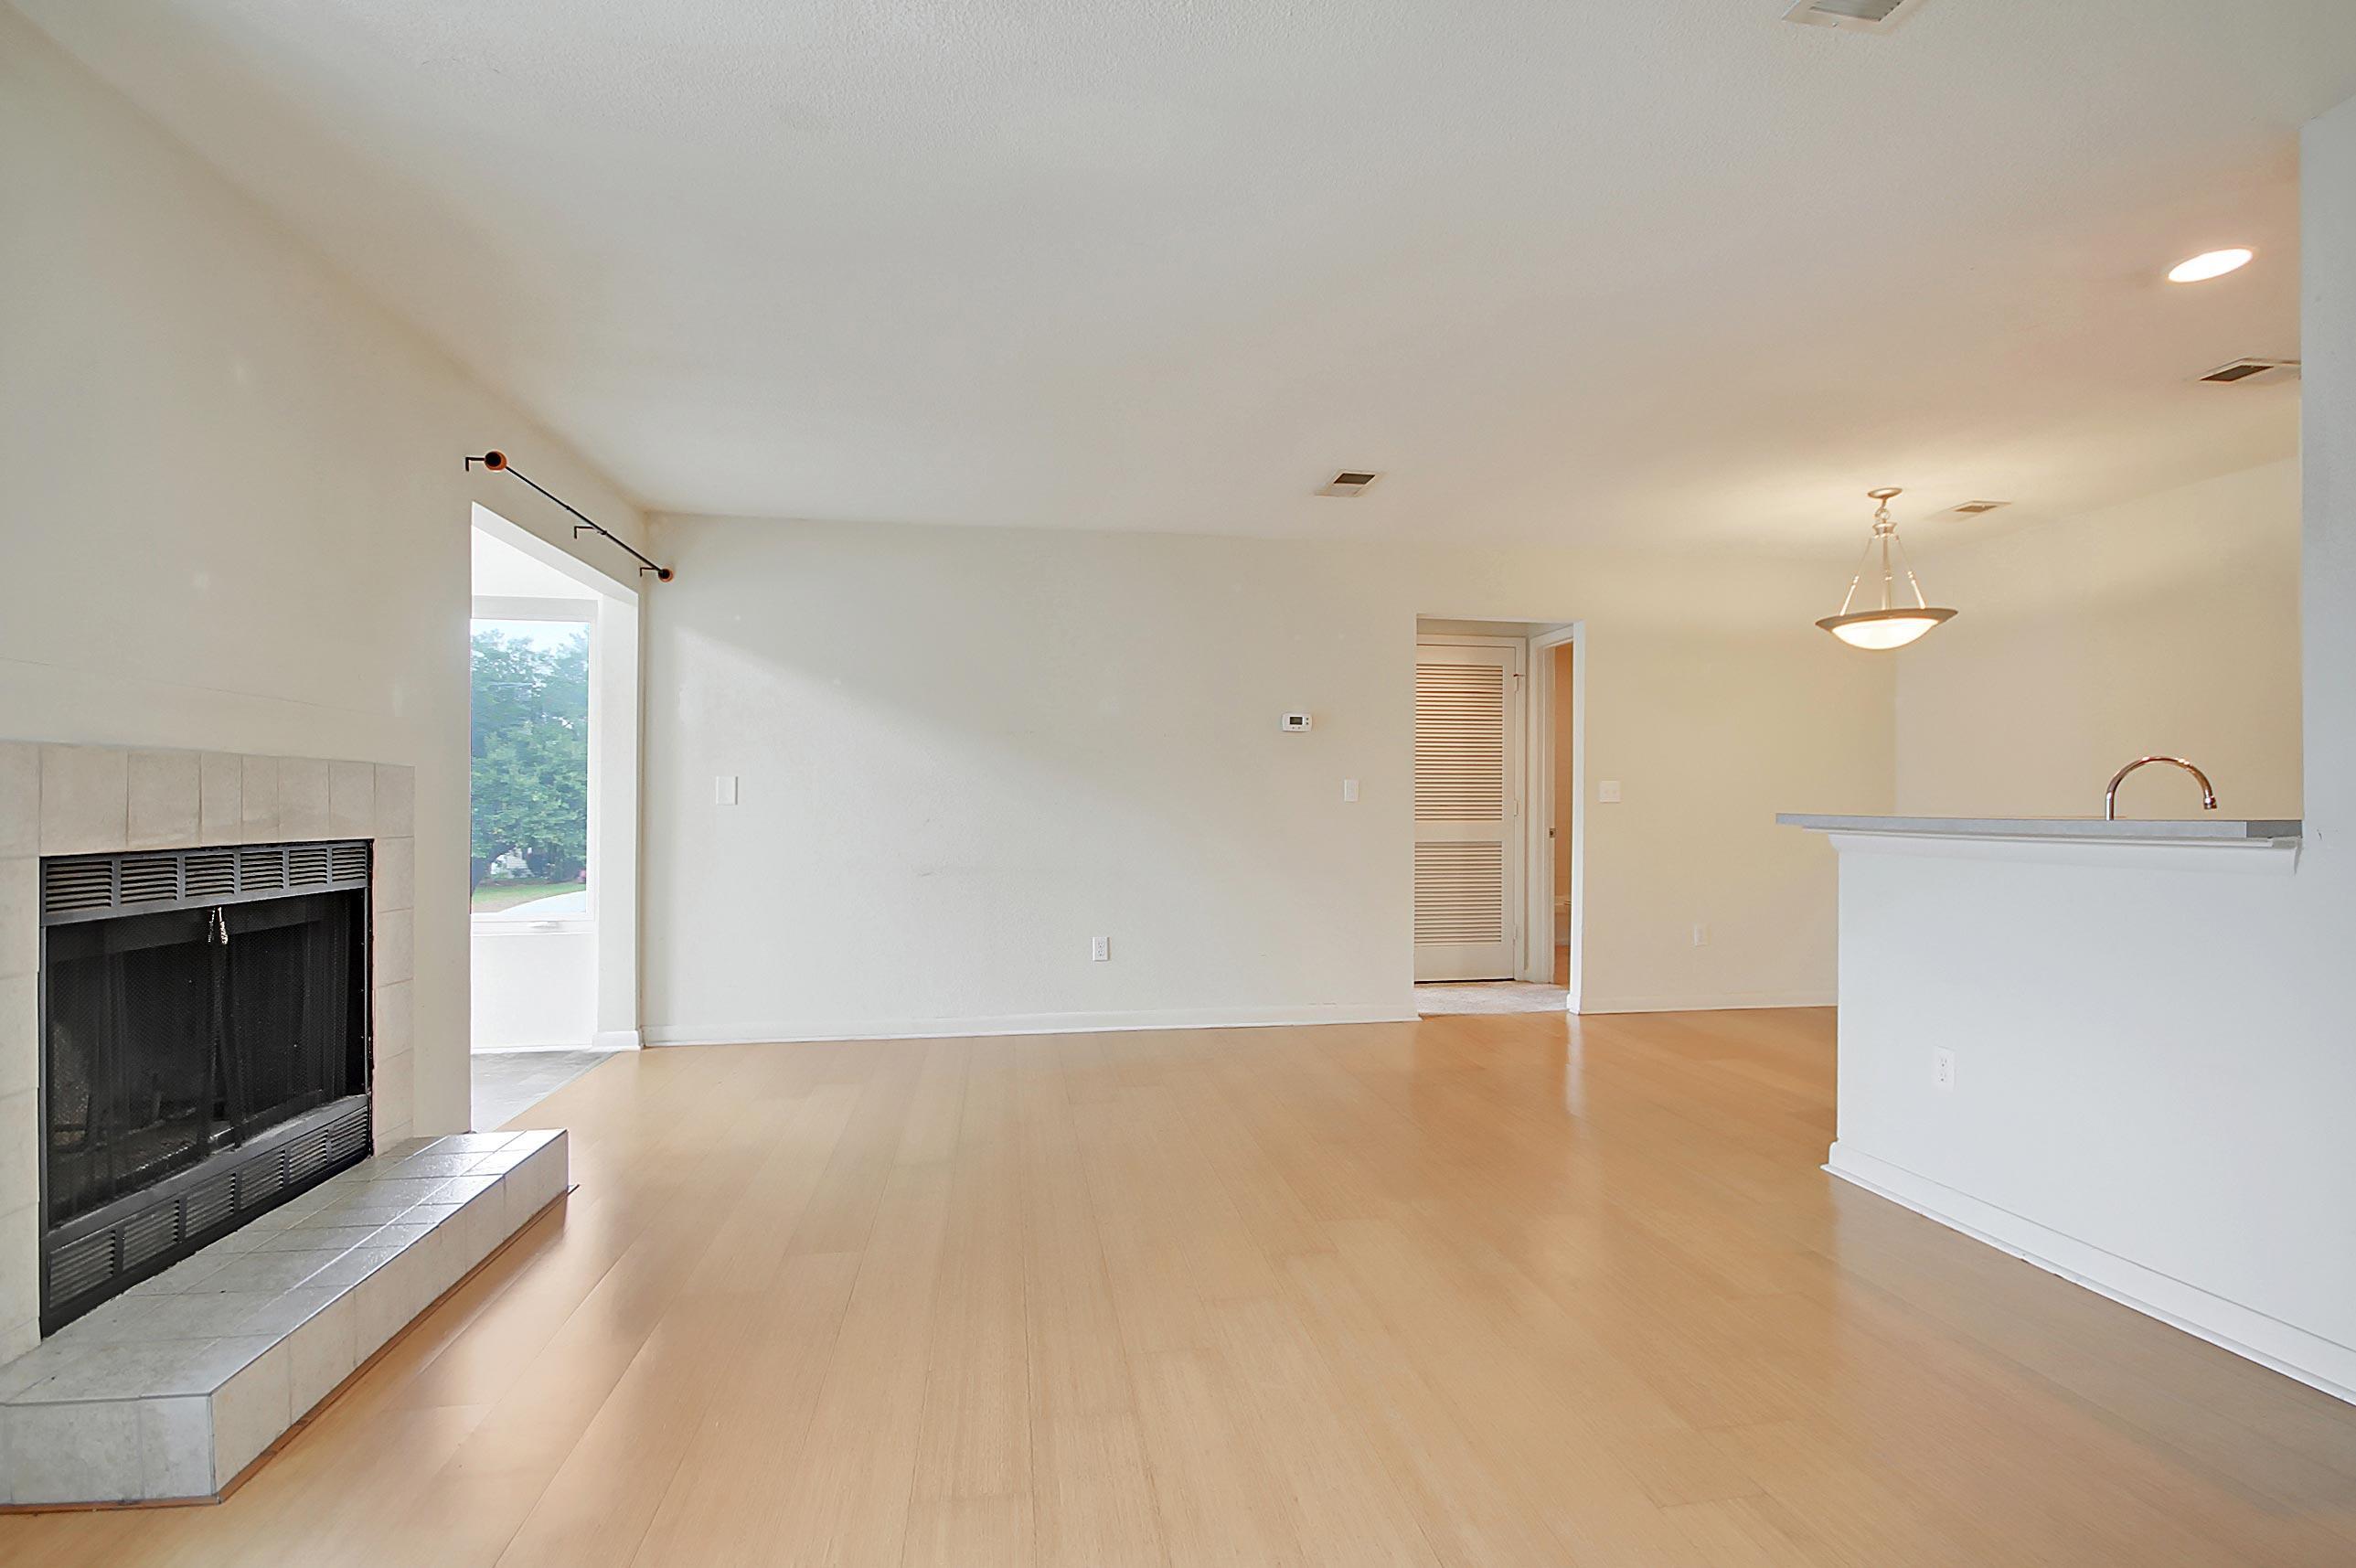 East Bridge Town Lofts Homes For Sale - 273 Alexandra, Mount Pleasant, SC - 1